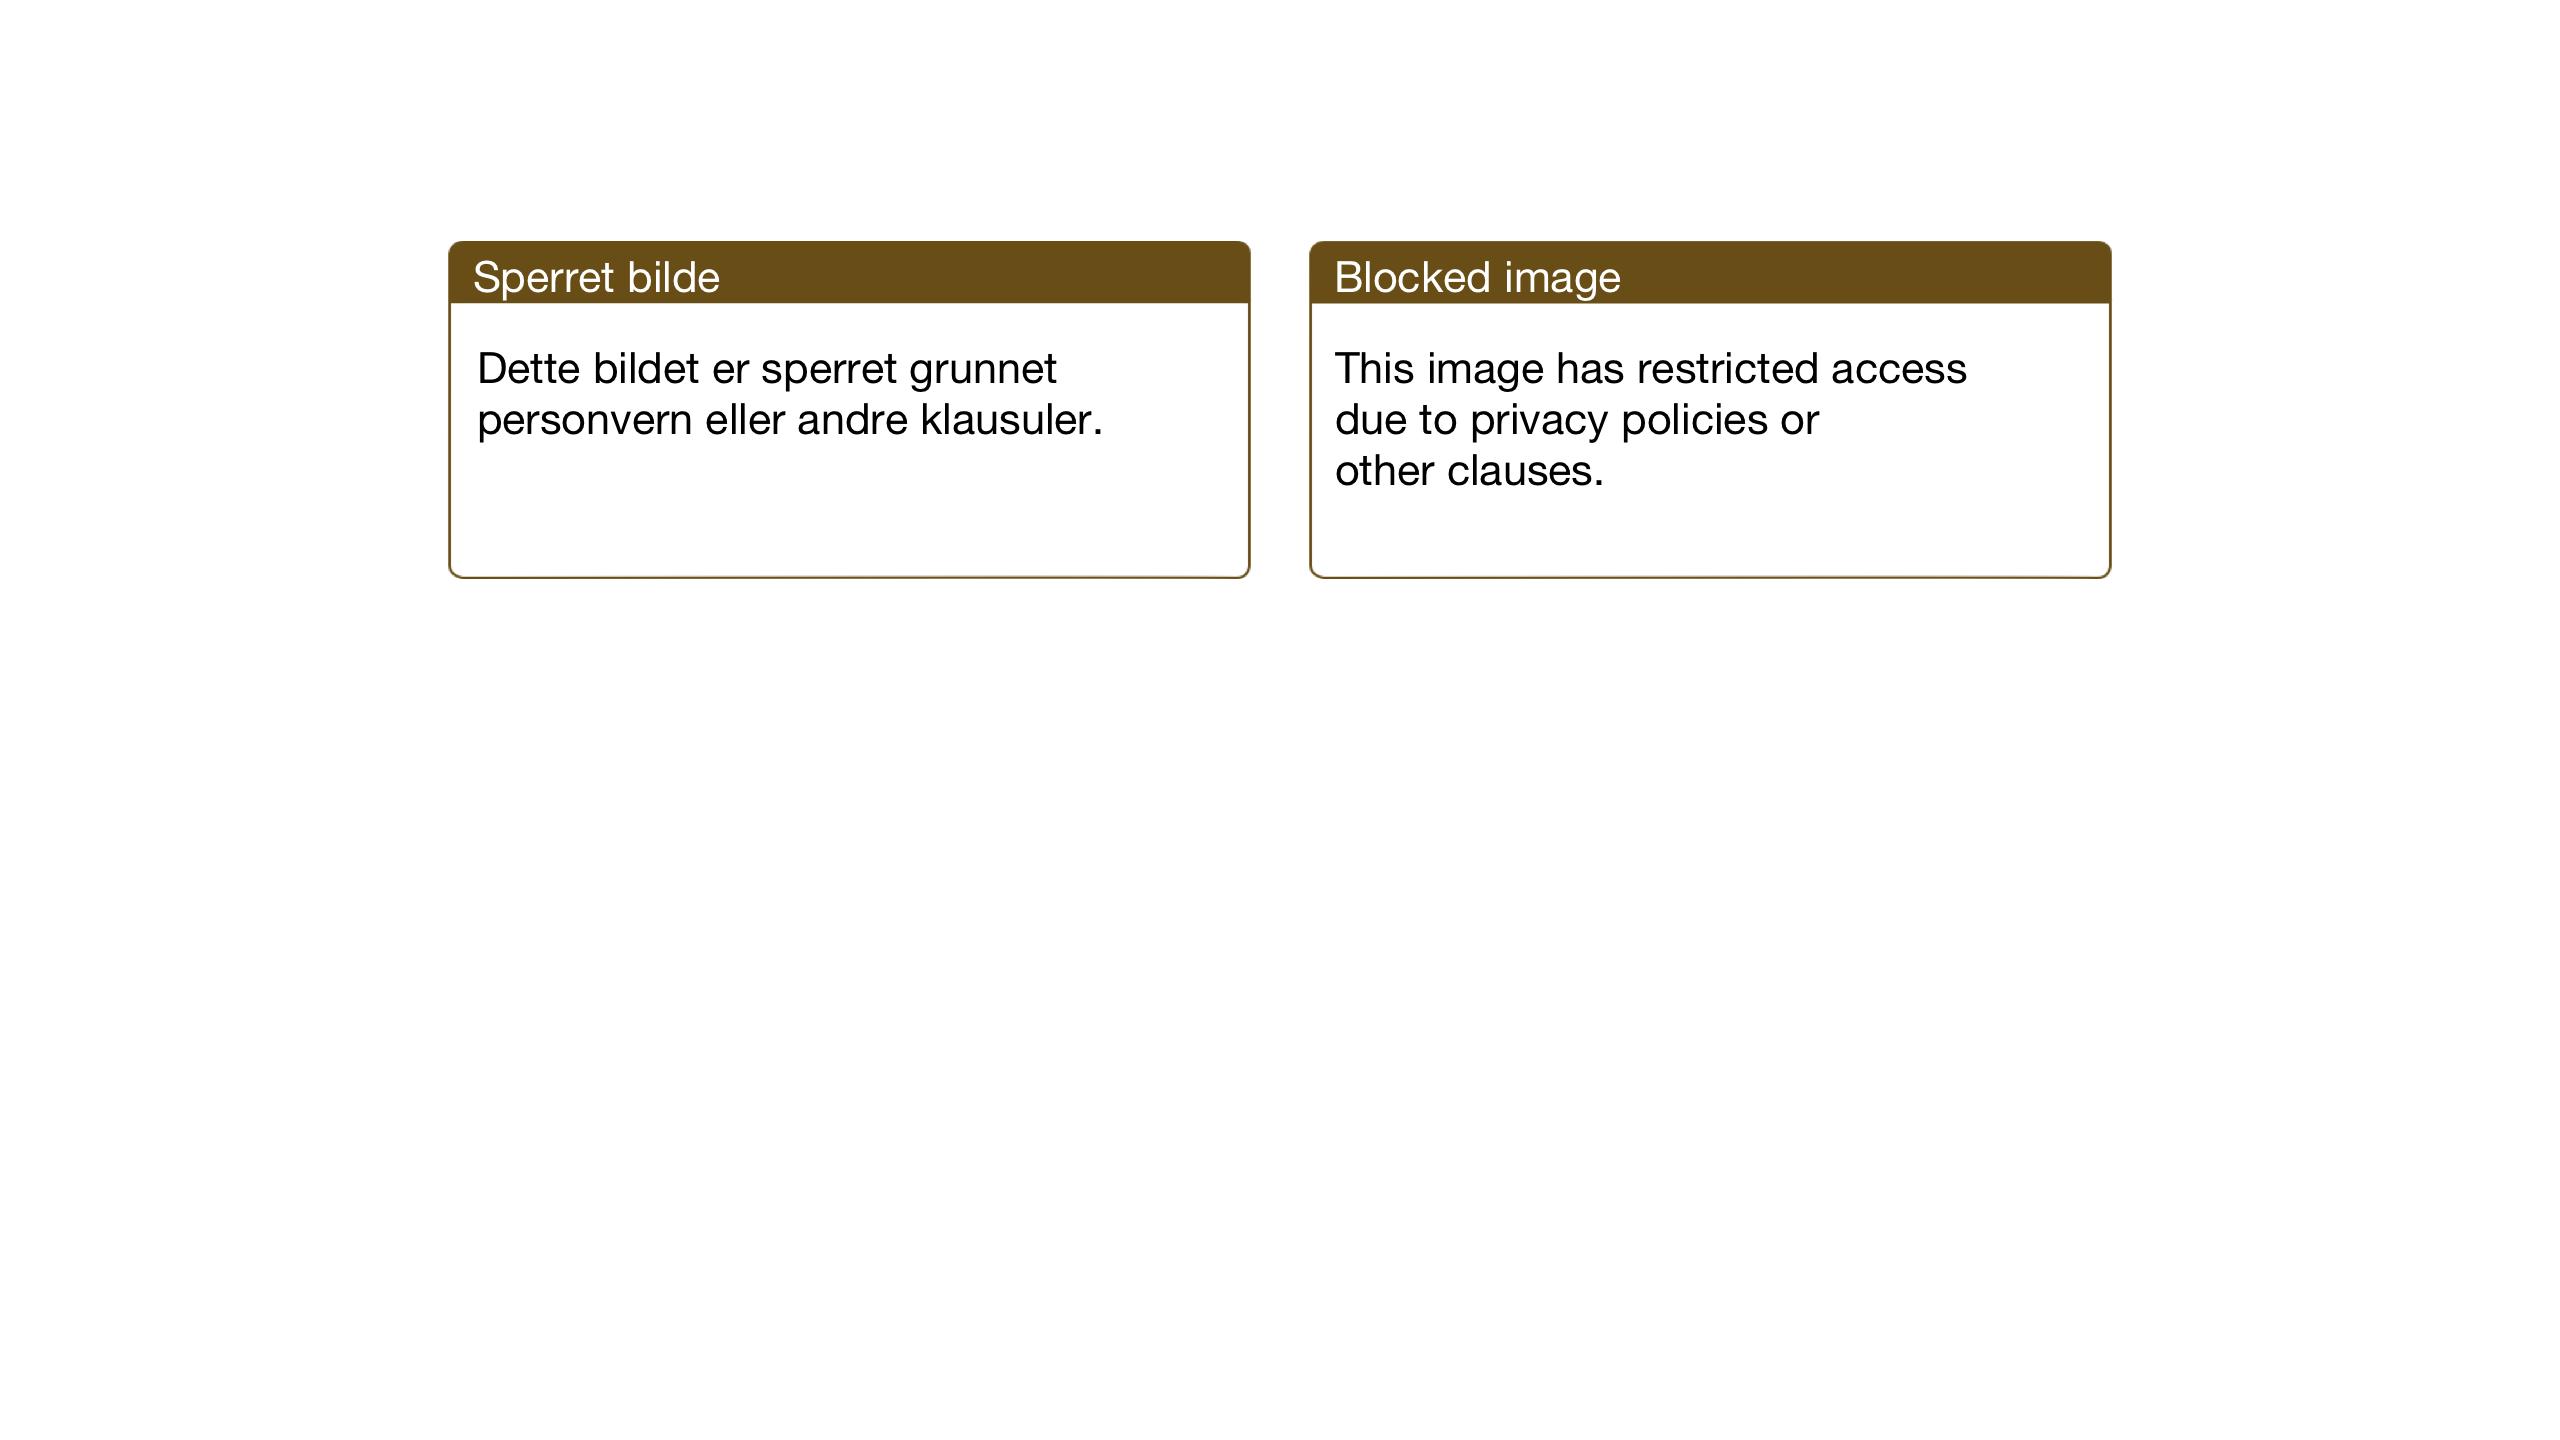 SAT, Ministerialprotokoller, klokkerbøker og fødselsregistre - Nord-Trøndelag, 744/L0425: Klokkerbok nr. 744C04, 1924-1947, s. 138